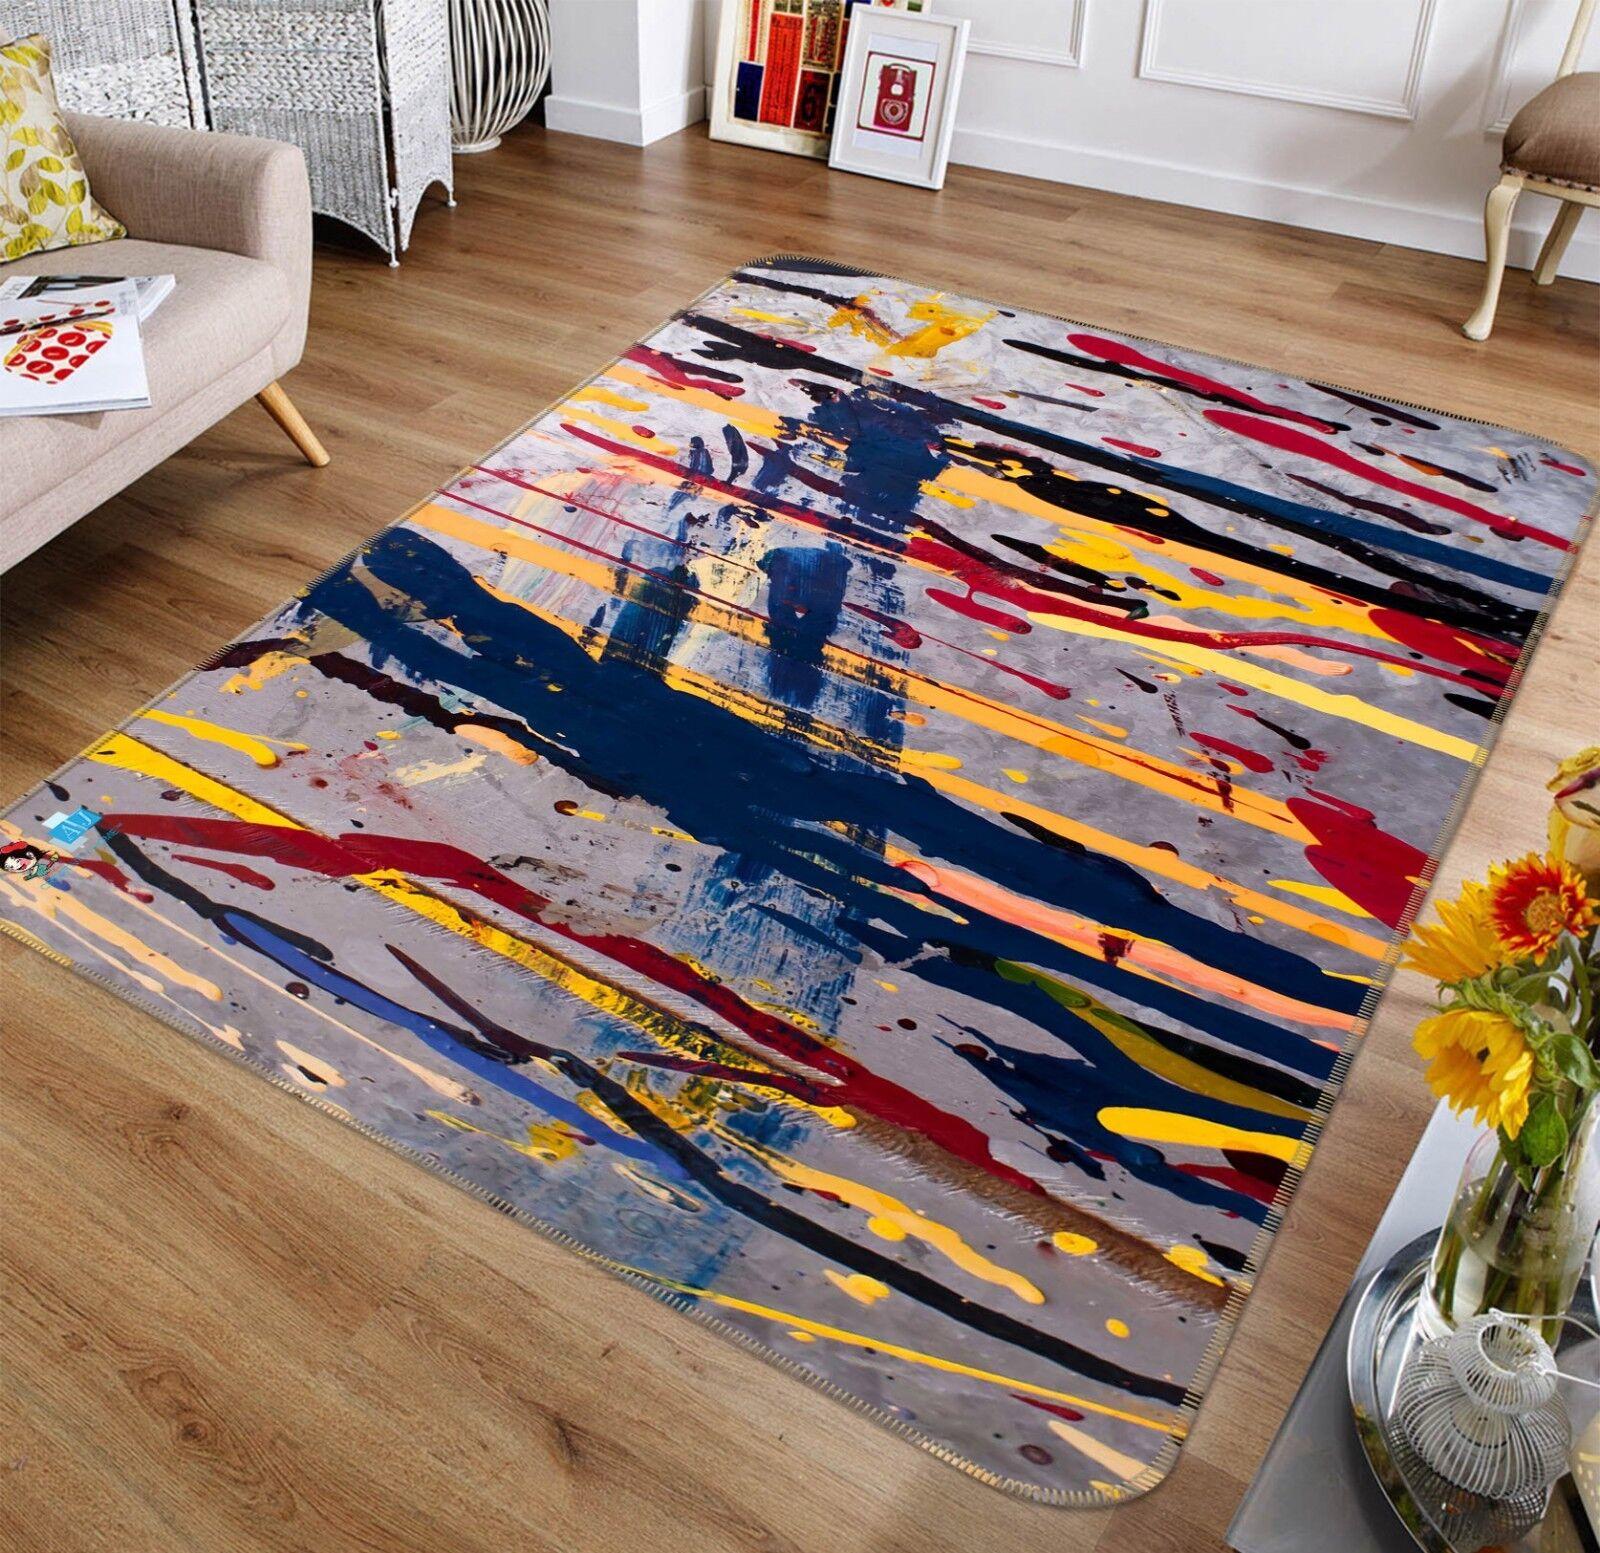 3D Pigmento dipinto 886 tappetino antiscivolo tappeto camera Tappetino Qualità Elegante foto Tappeto UK